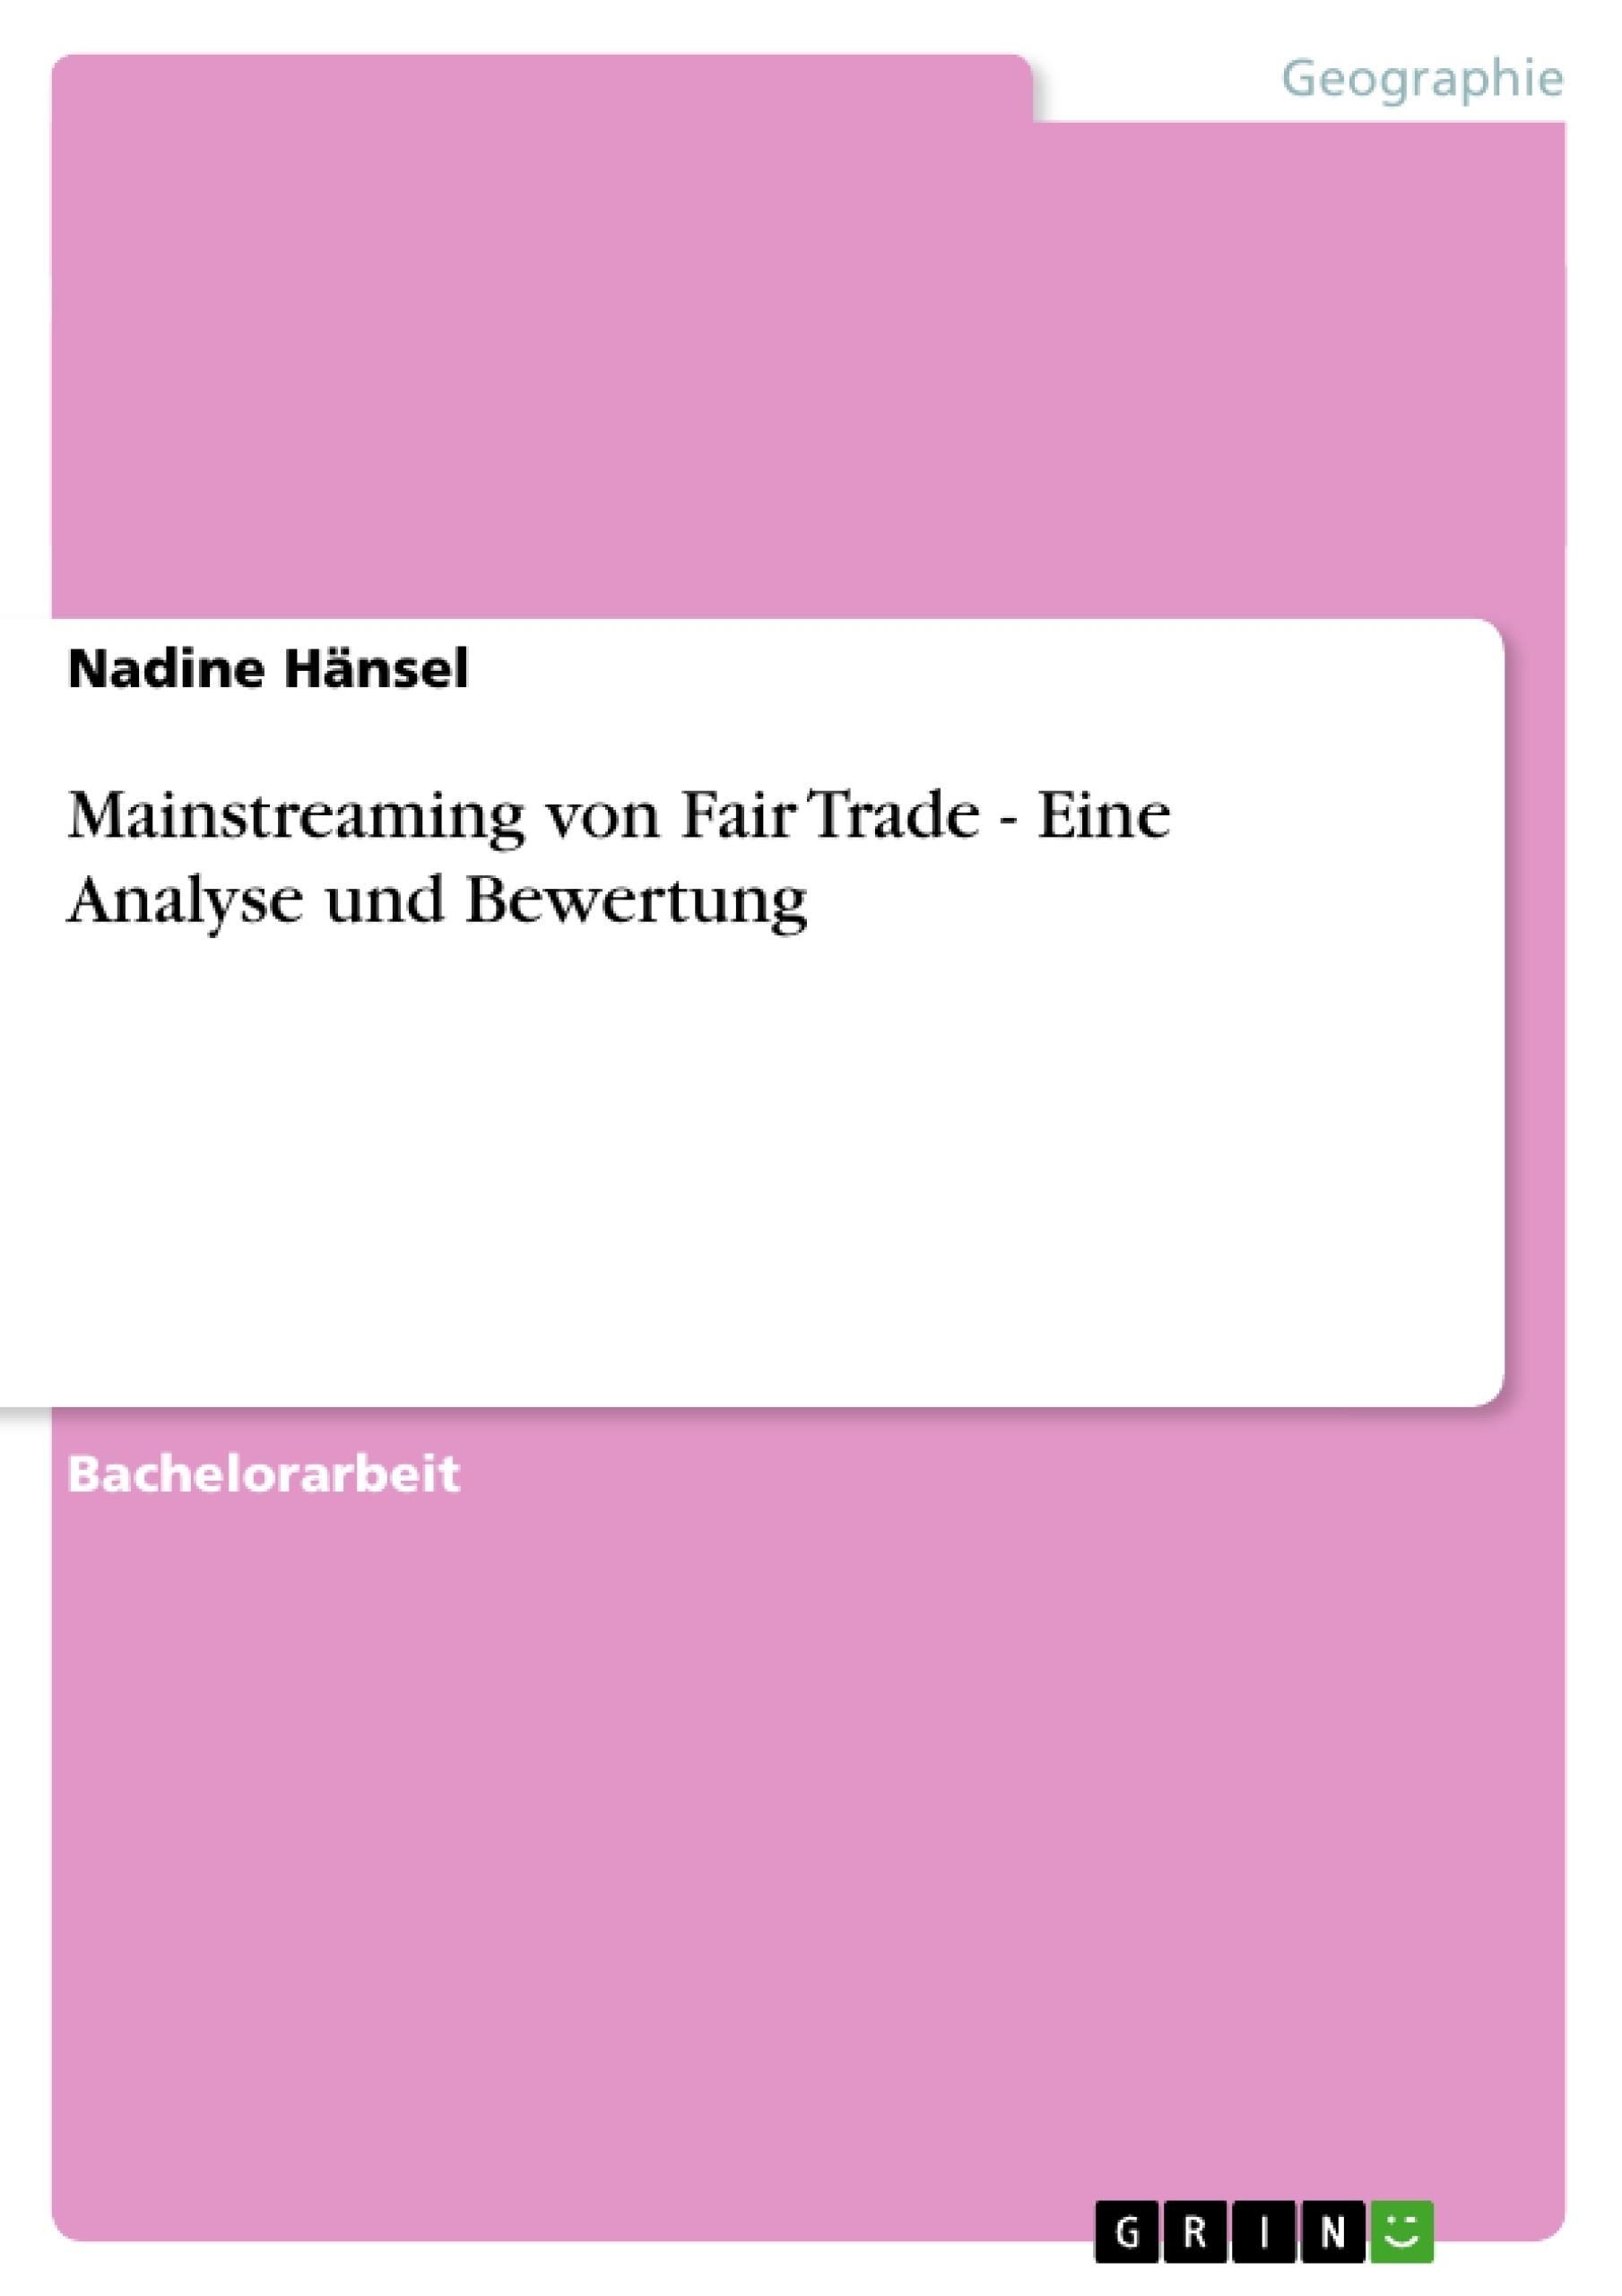 Titel: Mainstreaming von Fair Trade - Eine Analyse und Bewertung